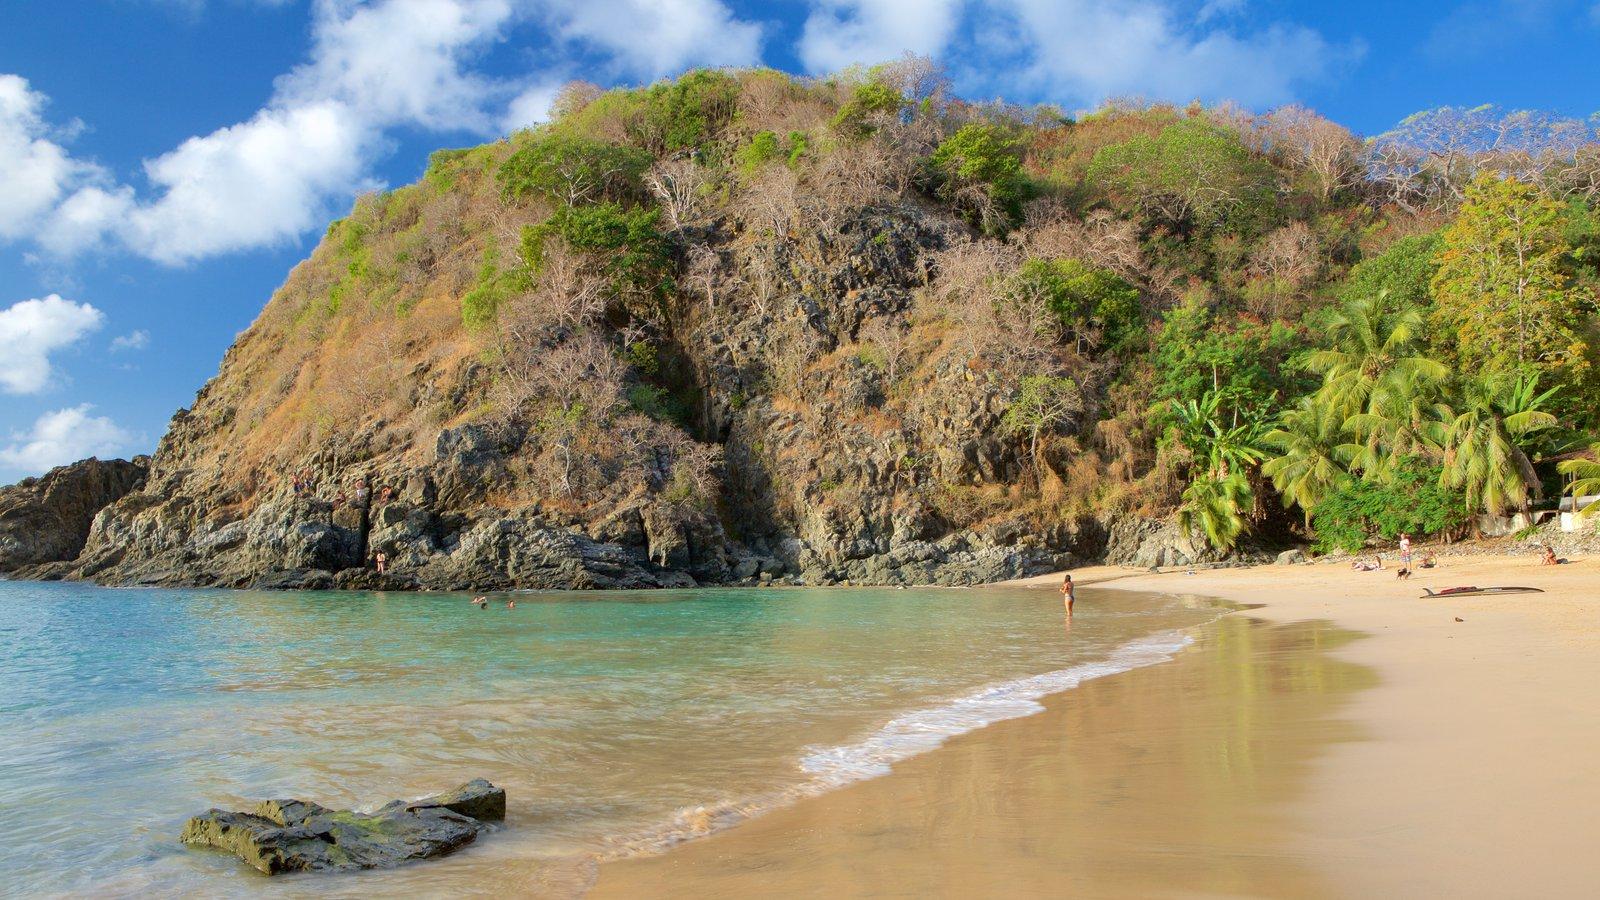 Praia do Cachorro caracterizando paisagens litorâneas, montanhas e uma praia de areia